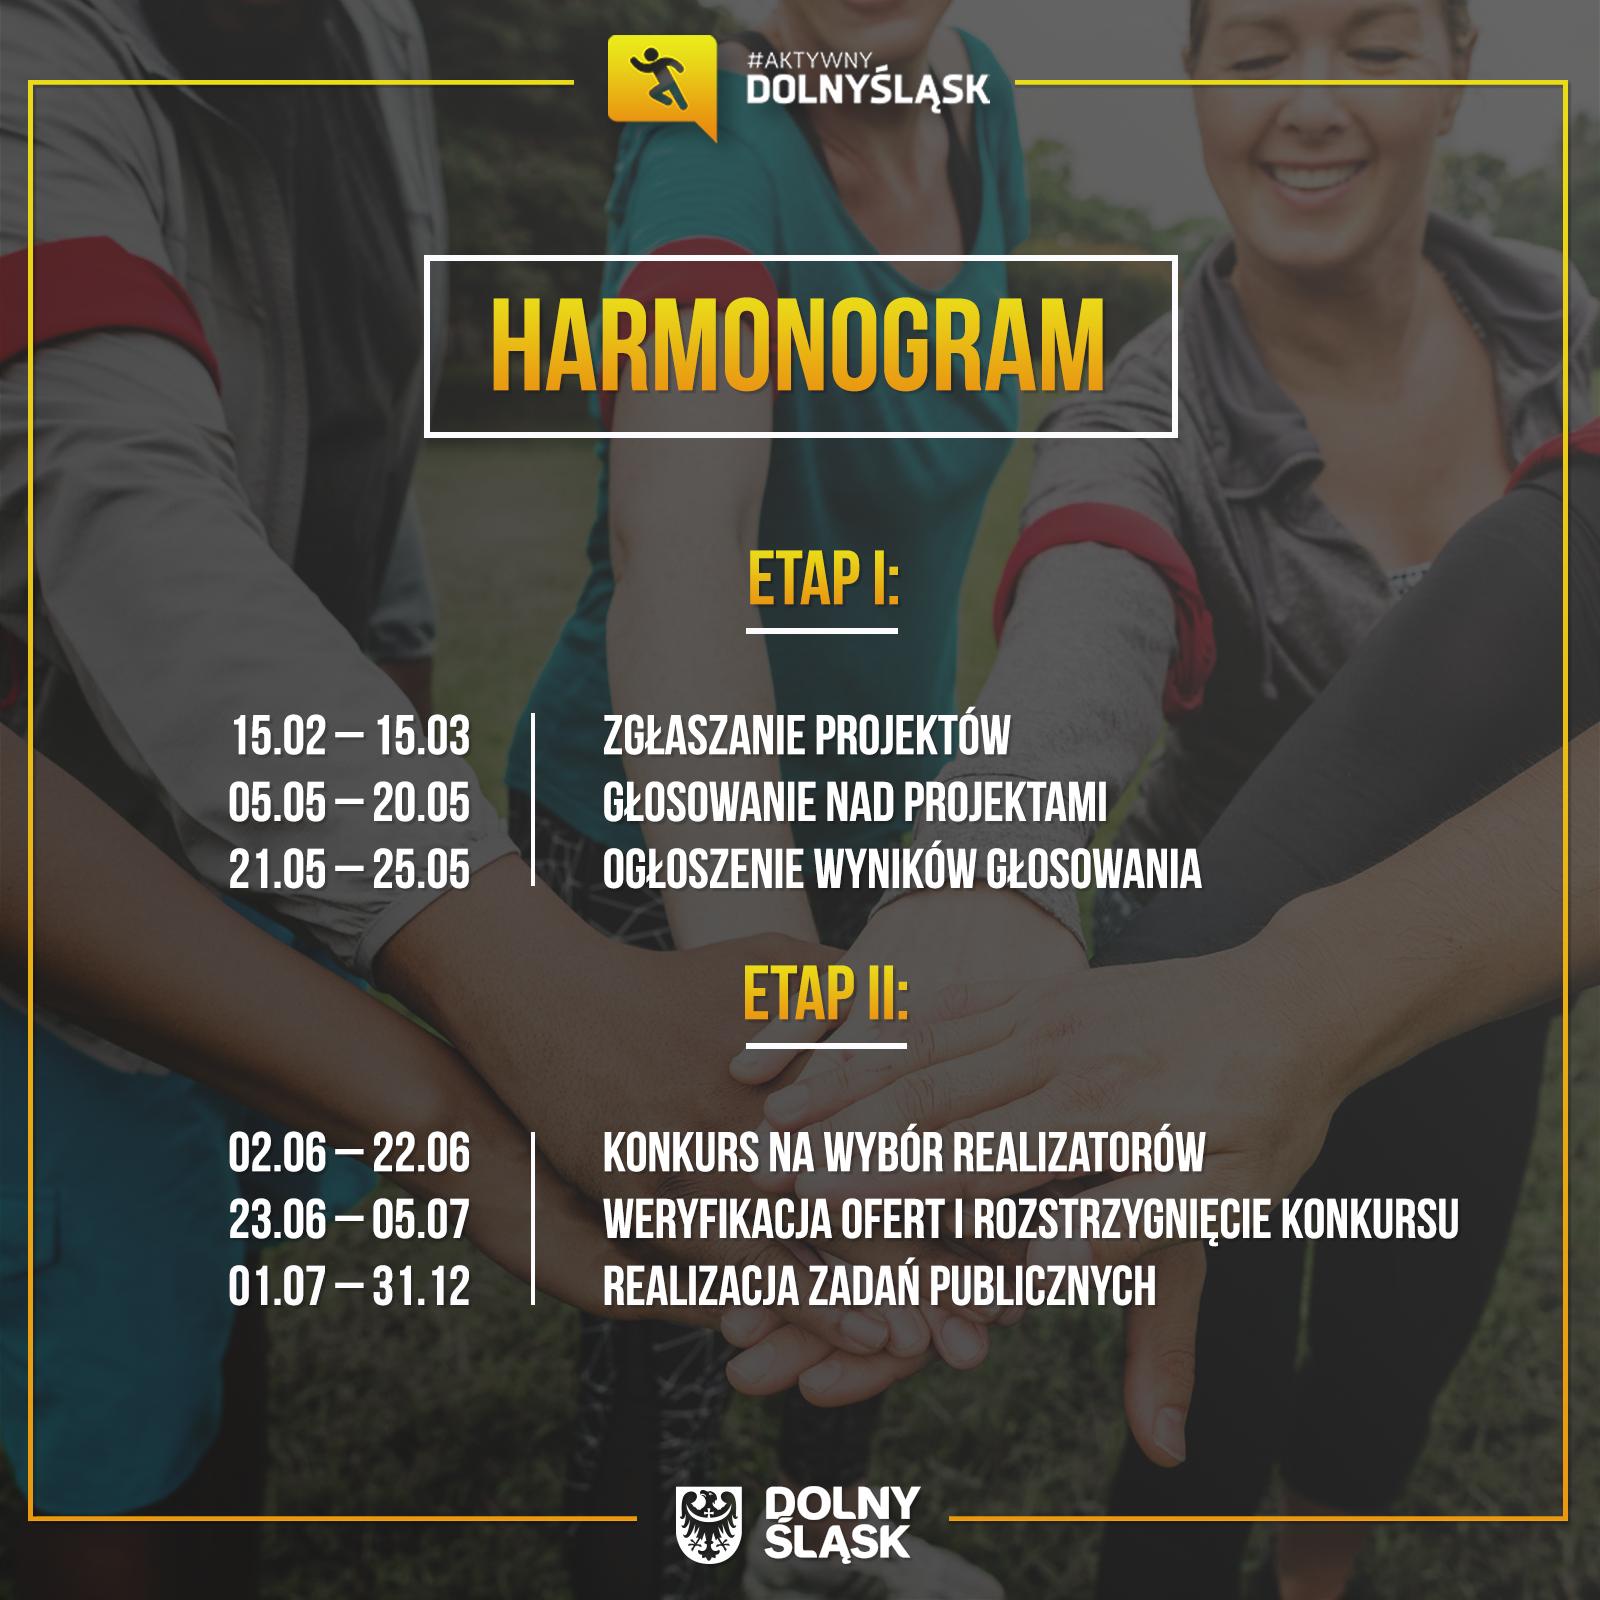 Harmonogram (fot. umwd.dolnyslask.pl)